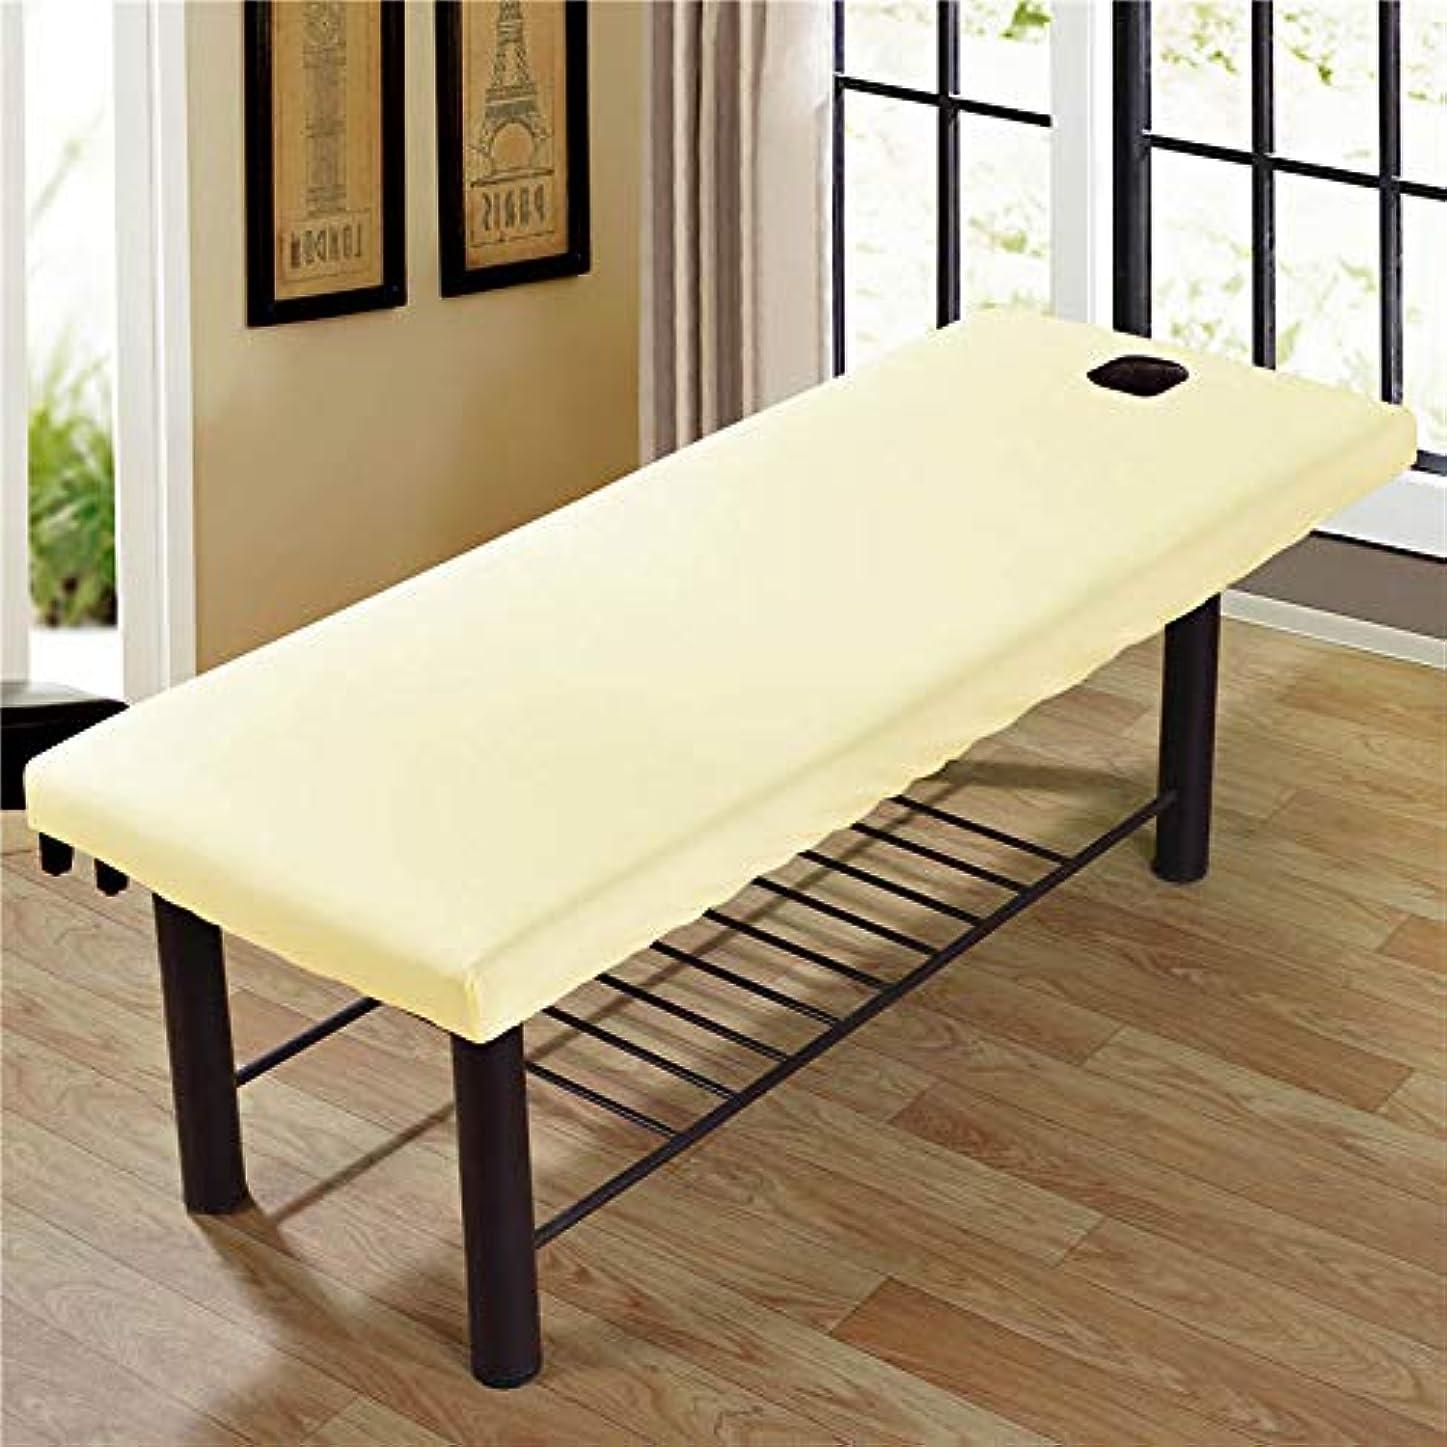 ハシーブラインドタワーAylincool 美容院のマッサージ療法のベッドのための柔らかいSoliod色の長方形のマットレス